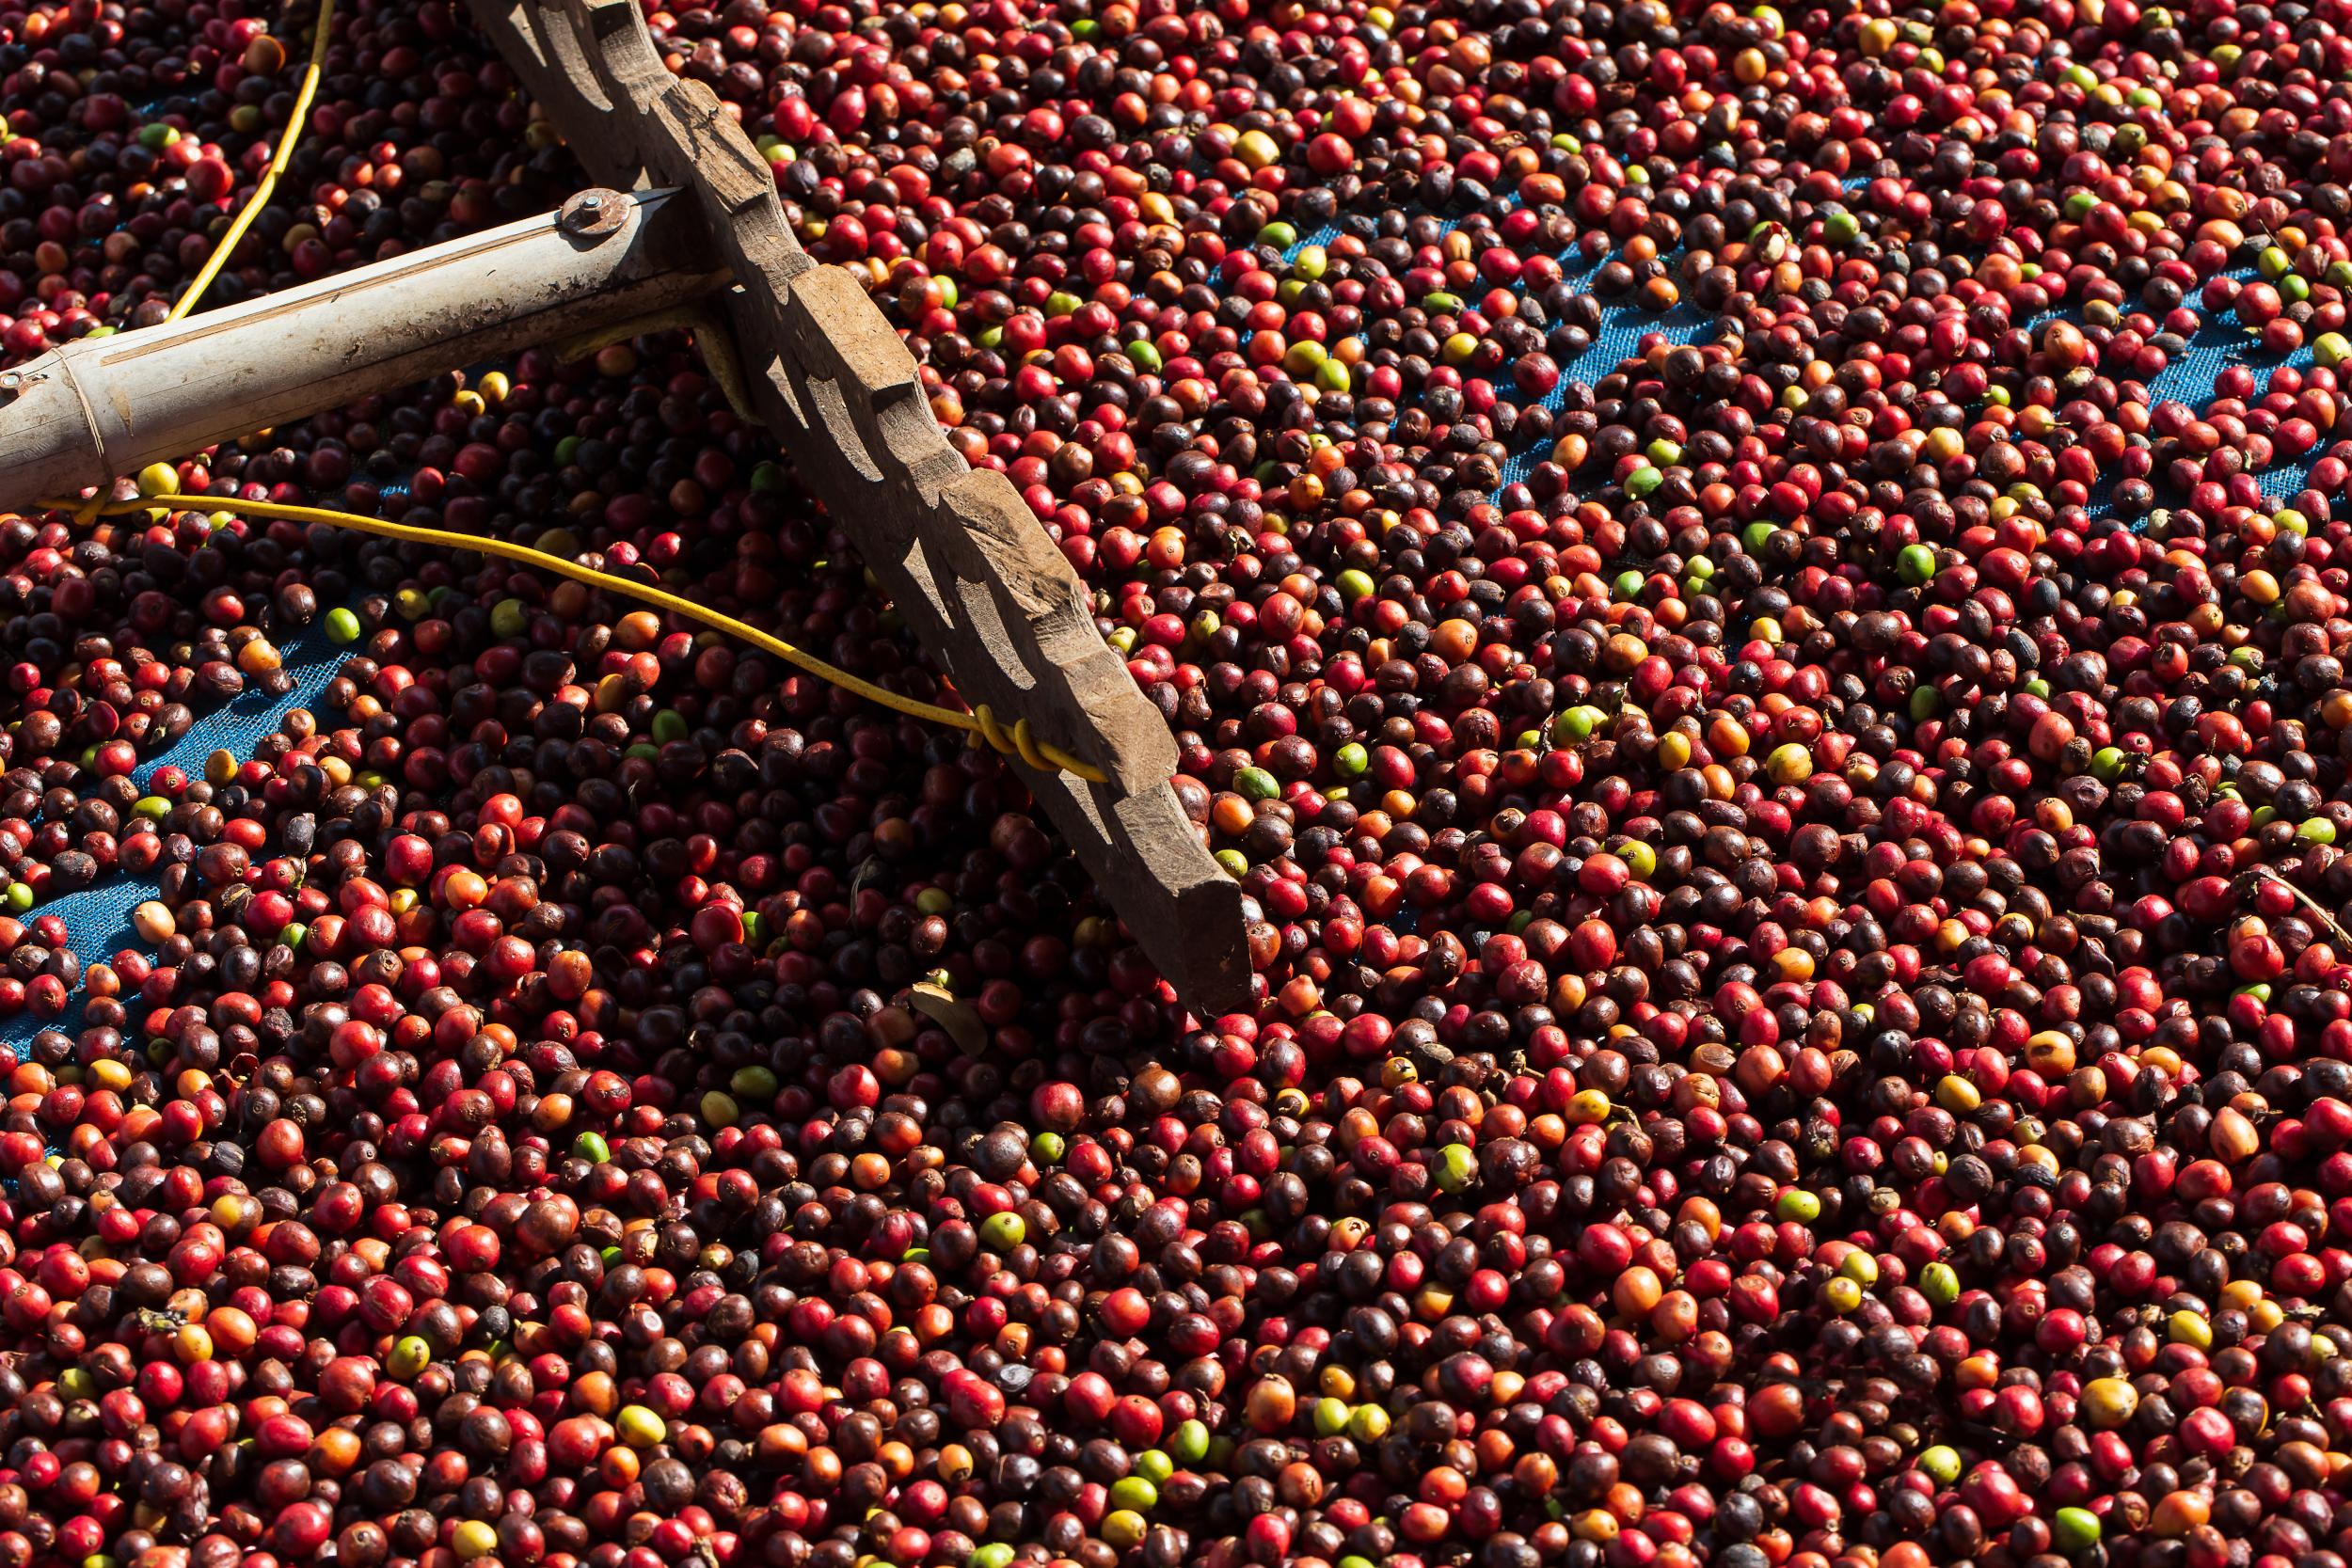 Świeże jagody kawy Arabica. Kawa Etiopia Guji